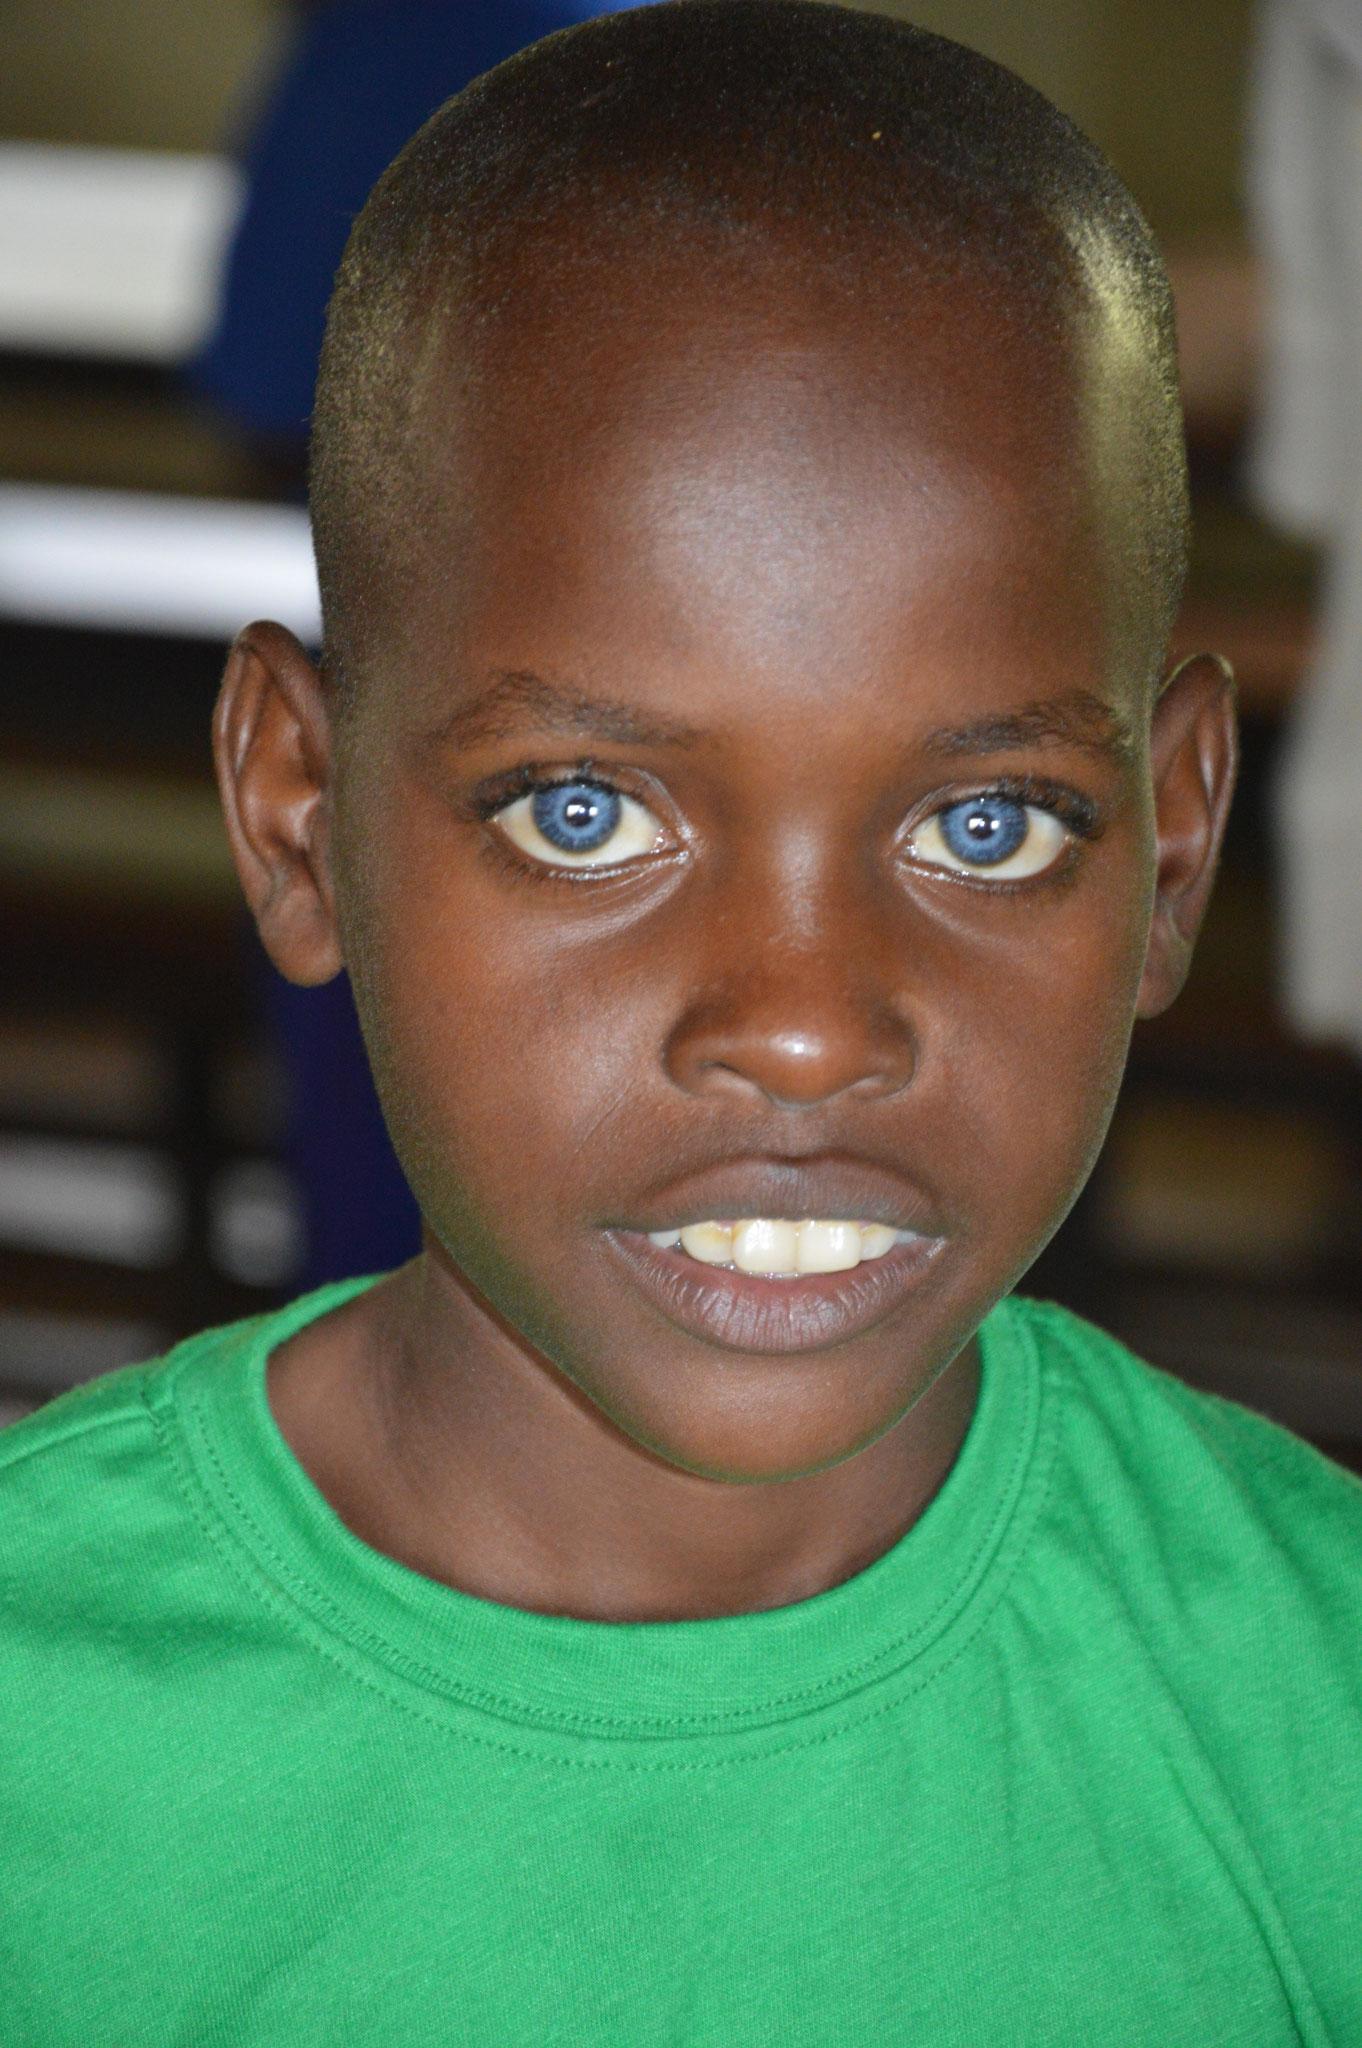 Dieser Junge hat eine Krankheit, welche einerseits die Gehörlosigkeit erklärt, zum anderen hat er diese blauen Augen und wird irgendwann erblinden. Eine Heilung ist nicht möglich.